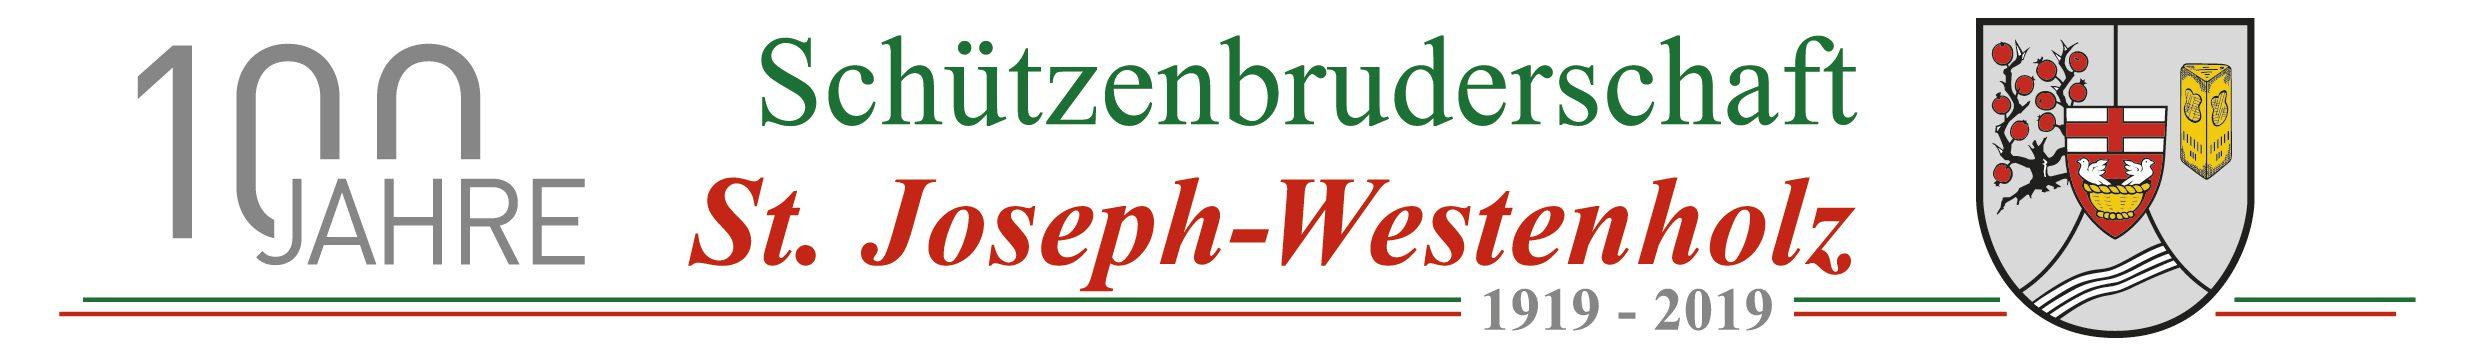 Schützenbruderschaft St. Joseph-Westenholz.de